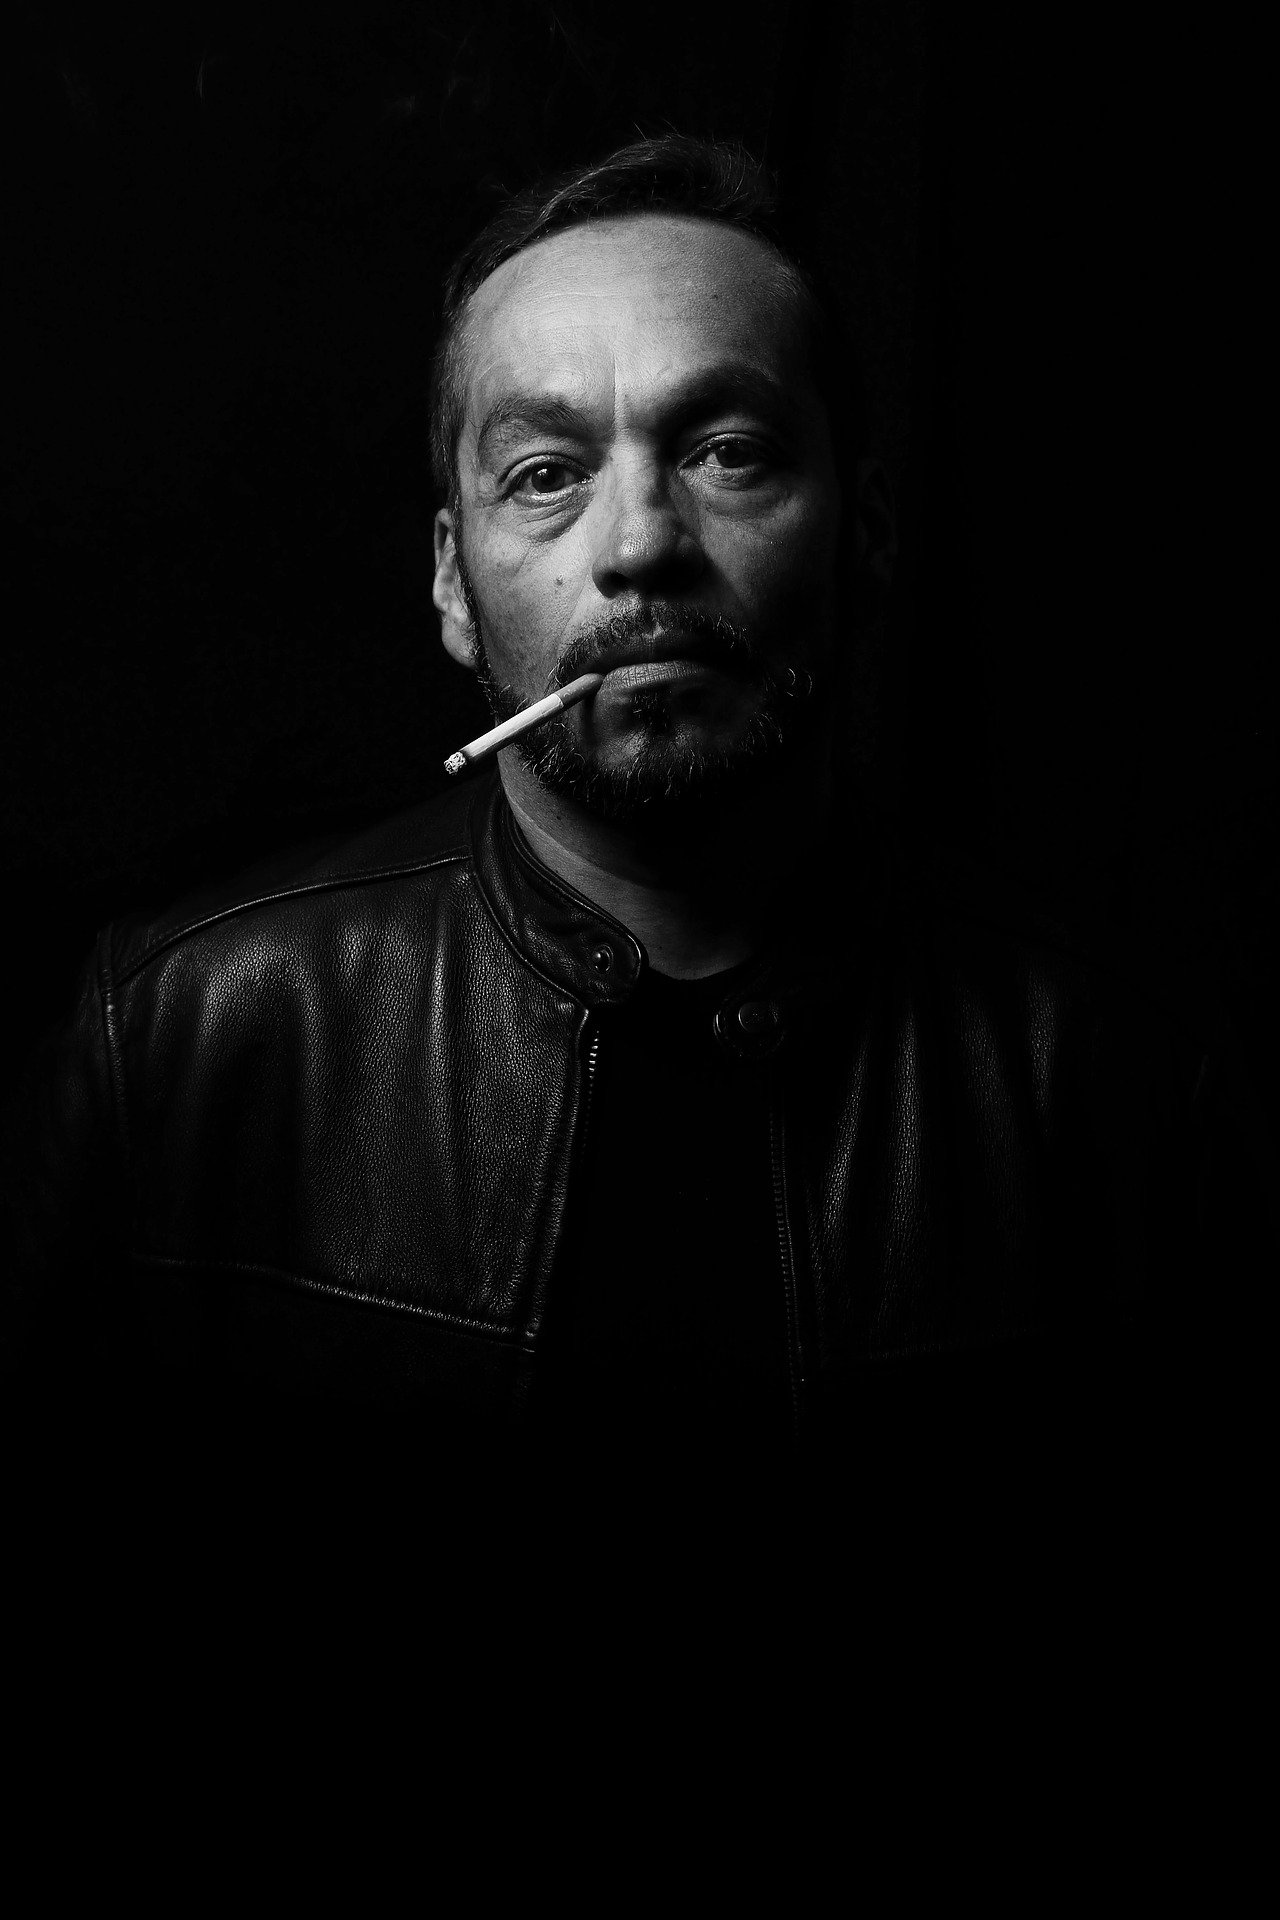 Hombre fumando | Foto: Pixabay